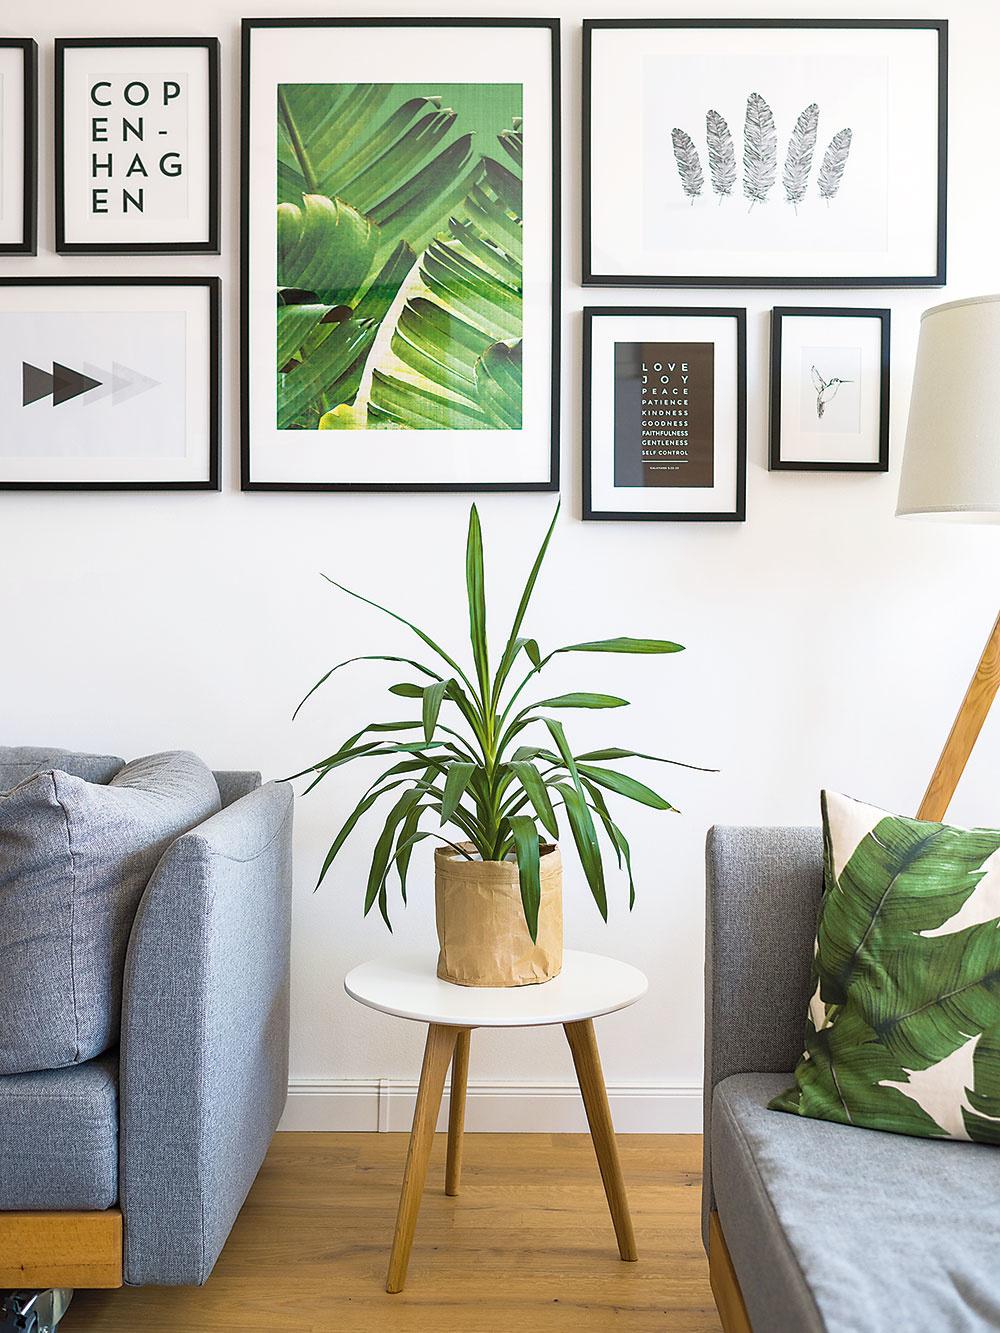 Rastlinný motív sa v dennej časti objavuje nielen v podobe živých rastlín, ale aj na textíliách a grafikách. Do priestoru vnáša oživujúco pôsobiacu zelenú farebnosť.